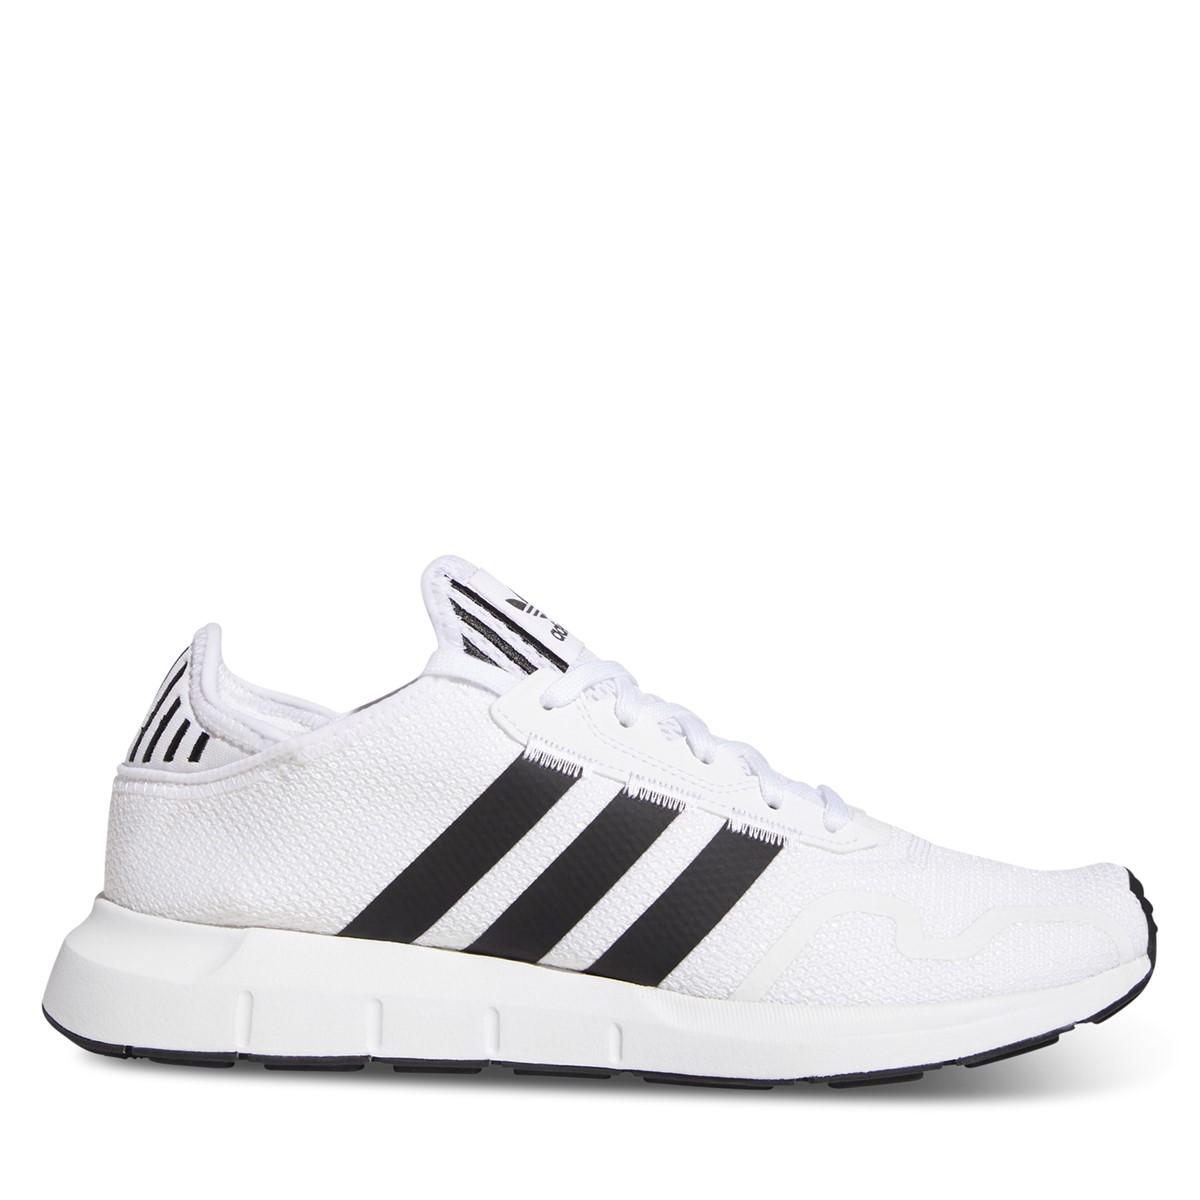 Men's Swift Run X Sneakers in White